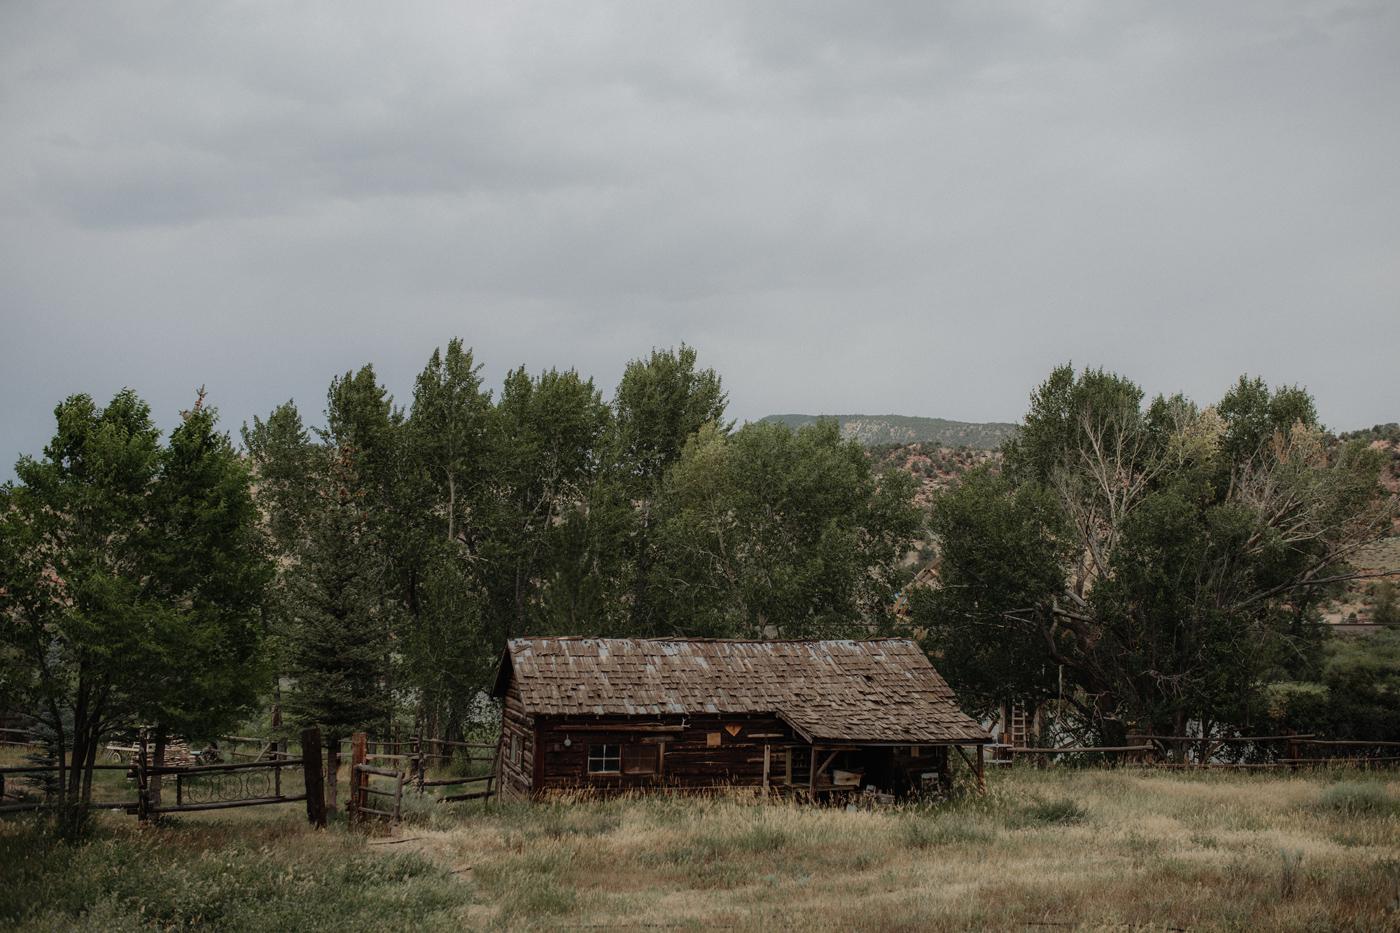 003-jones-max-colorado-ranch-engagement-photos.jpg